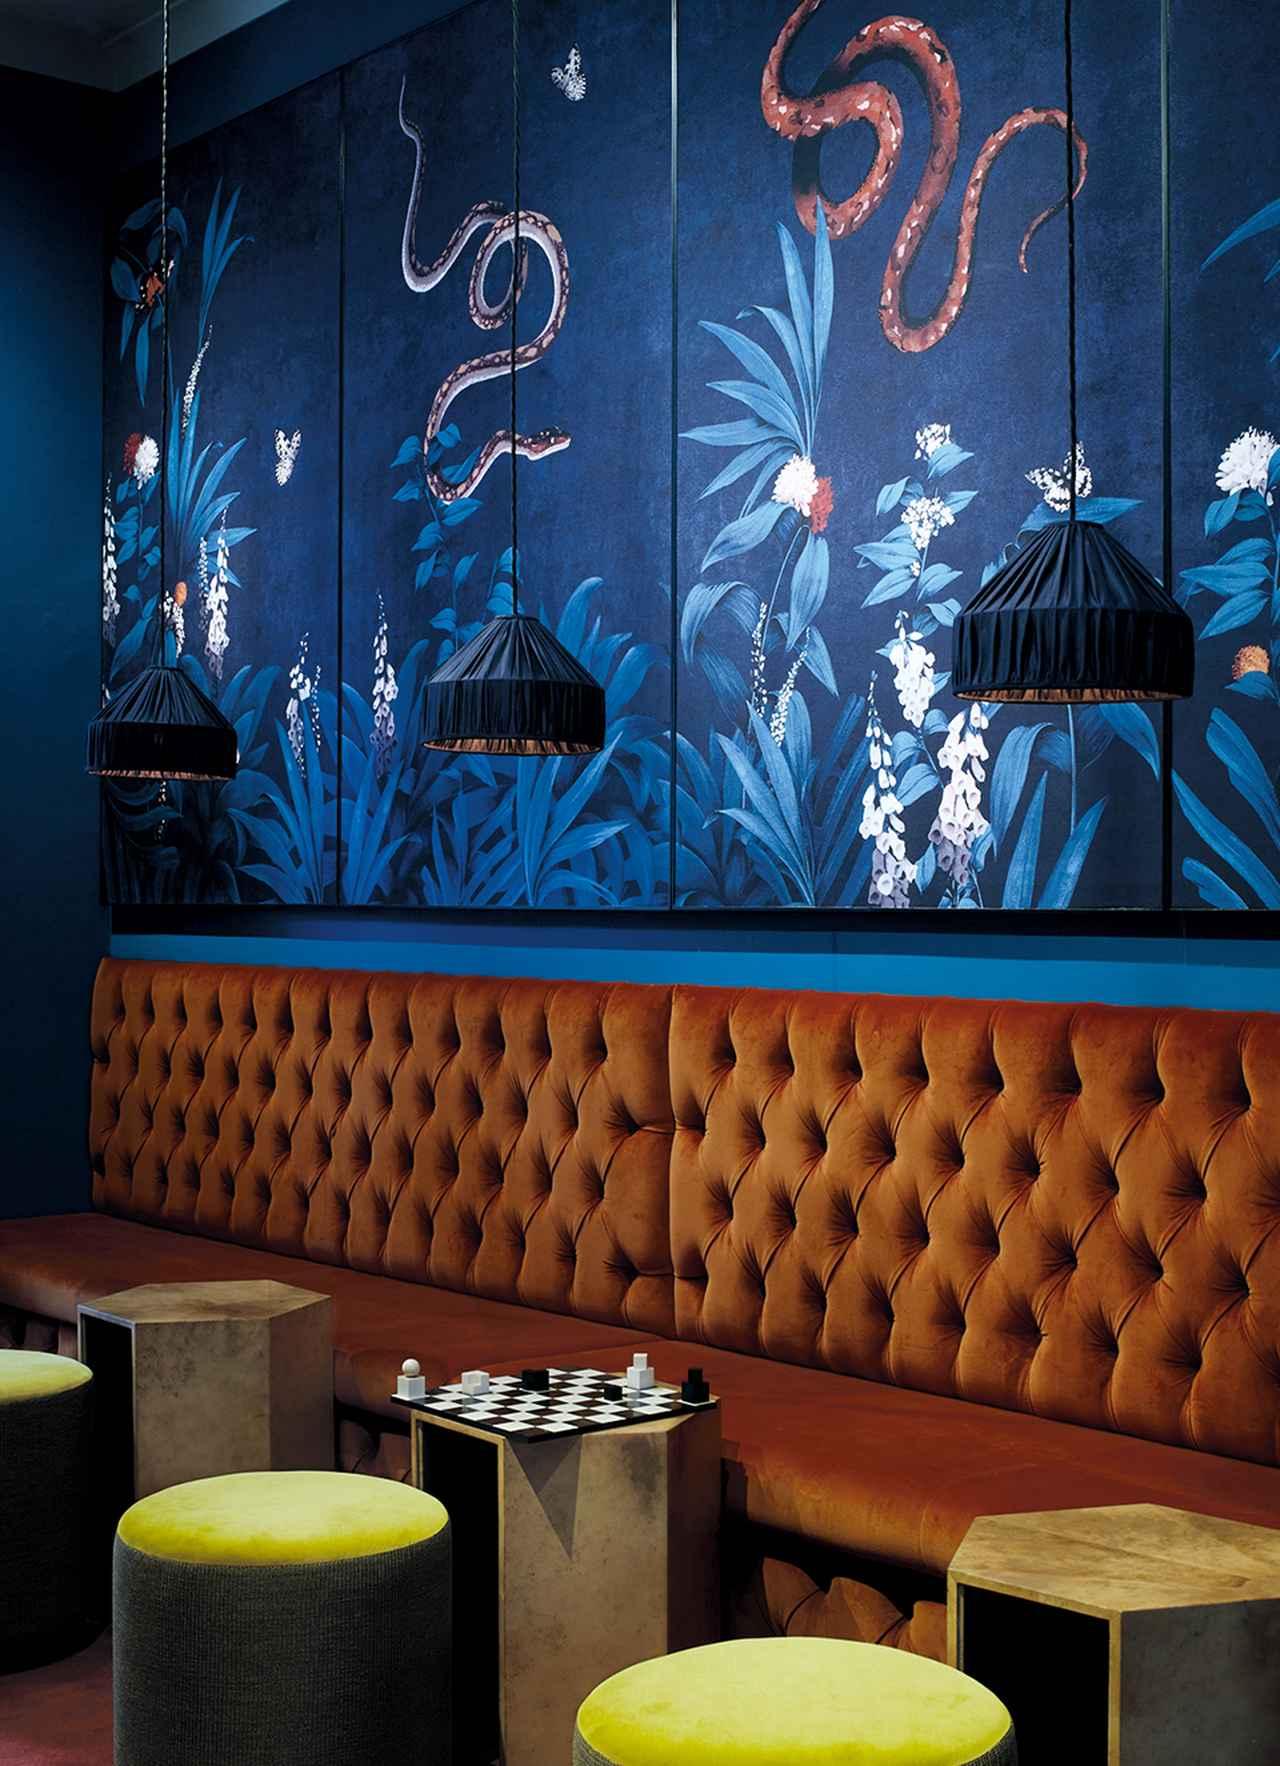 画像: フラン・ヒックマンがデザインしたチェスクラブの会員制バー。ソファには英国の高級服地ブランド「ホーランド&シェリー」のベルベットの布地が貼られている。日本の伝統的な屛風からヒントを得て、手描きの絵をシルクの上にデジタルプリントしたパネルを壁にあしらった PHOTO BY ANNABEL ELSTON, COURTESY OF FRAN HICKMAN